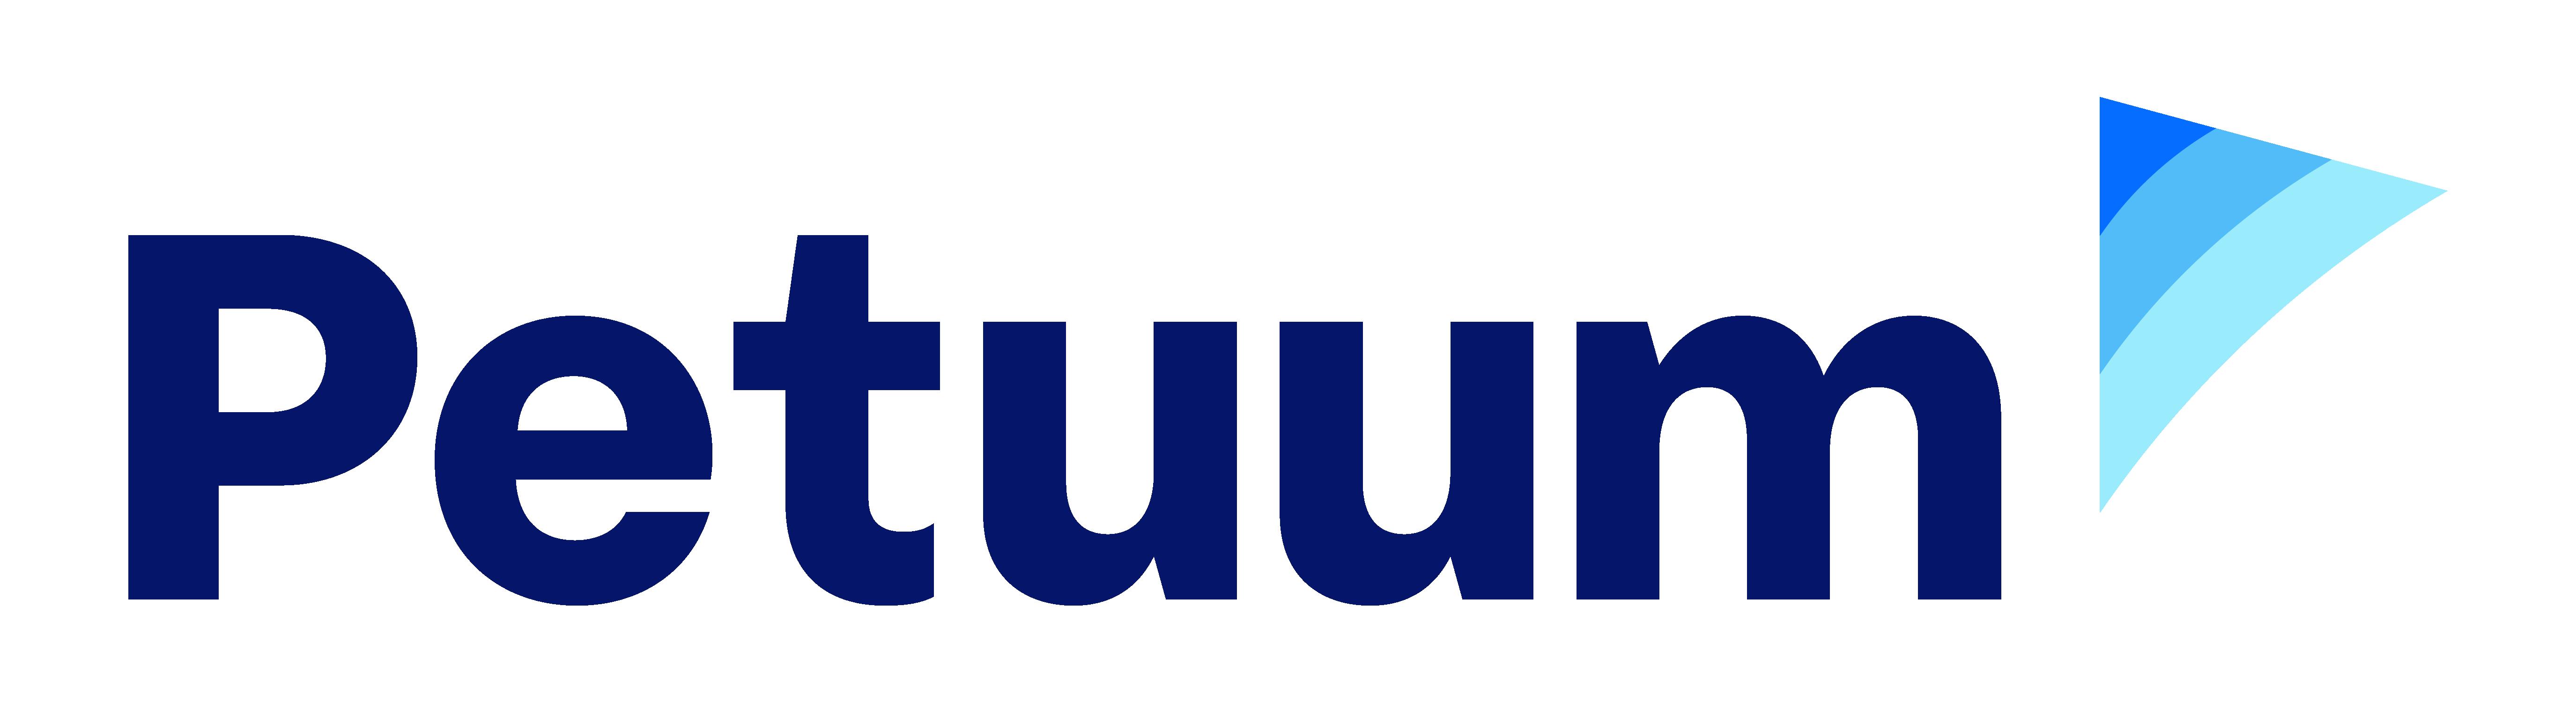 Petuum Inc.